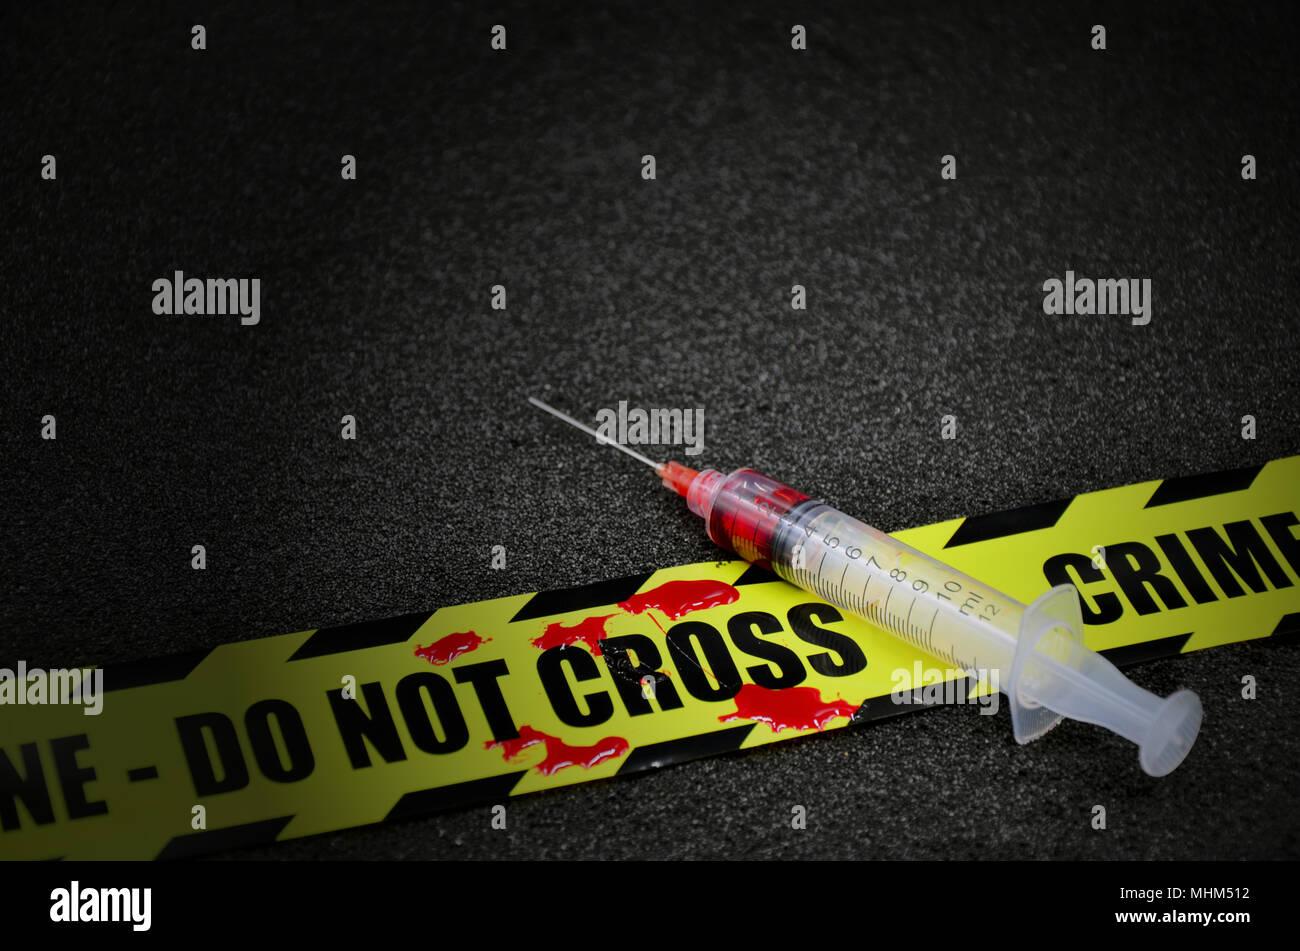 Siringa con non cross della scena del crimine nastro su sfondo scuro Immagini Stock